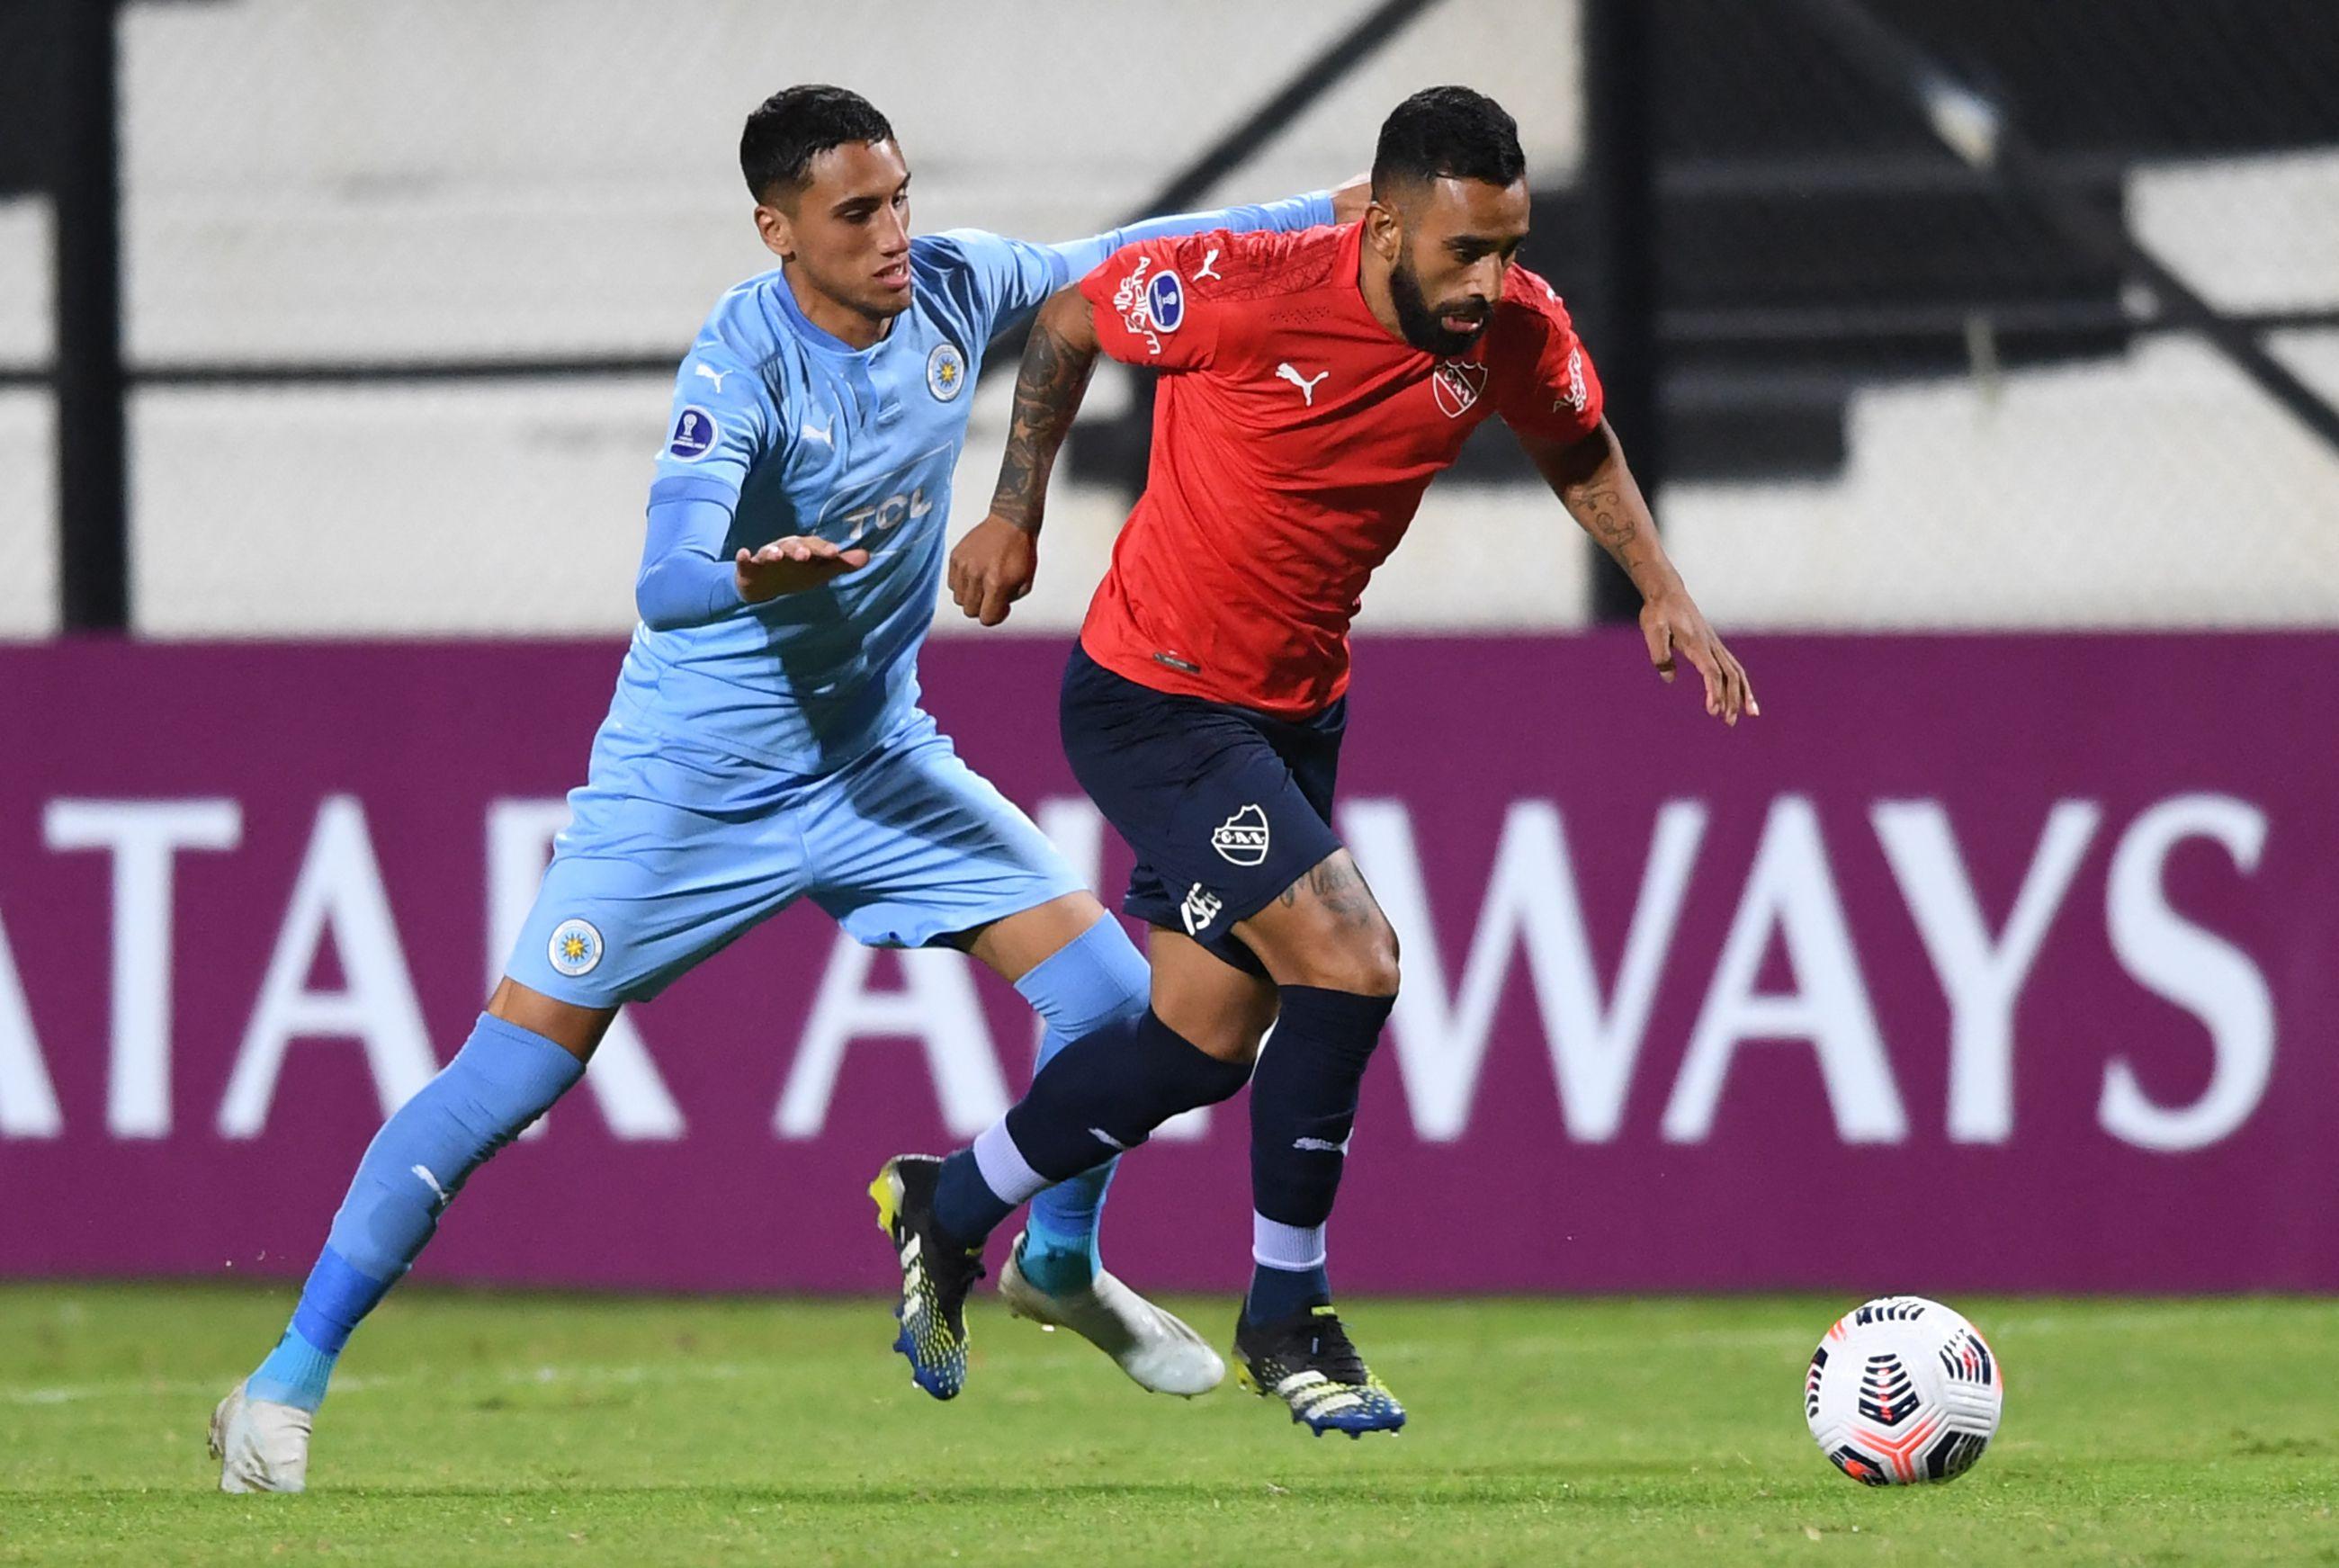 Independiente-Talleres